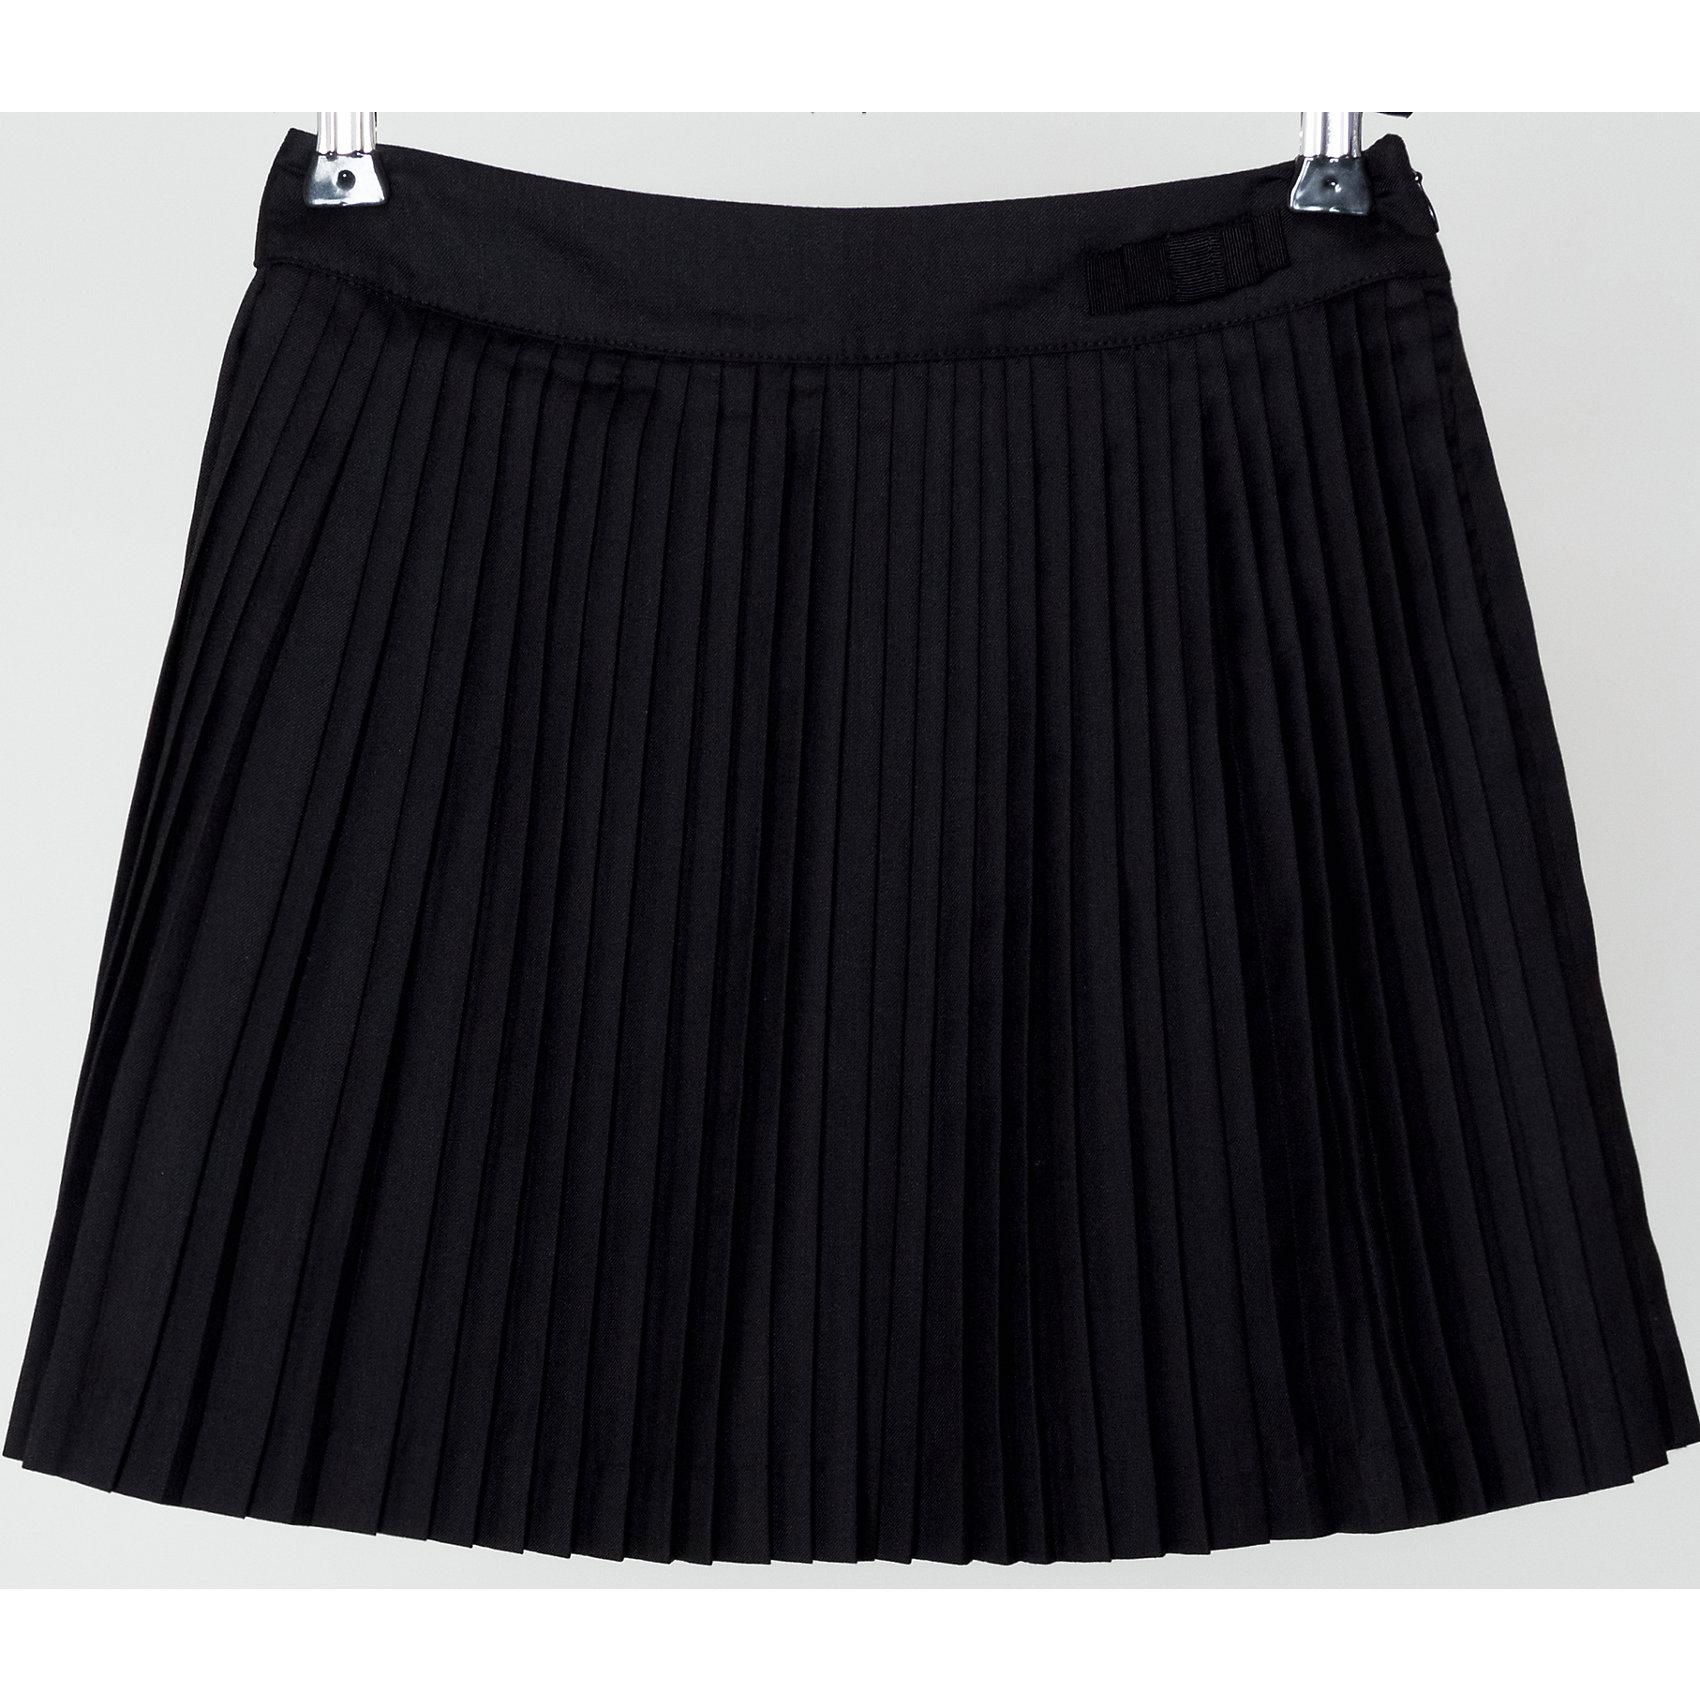 Юбка для девочки SELAЮбки<br>Юбка для девочки из коллекции осень-зима 2016-2017 от известного бренда SELA. Удобная юбка на каждый день идеальна для нового школьного сезона. Стильная школьная плиссированная юбка длинной выше колена классического черного цвета понравится как любительницам нового стиля, так и любительницам классики. В этой юбкой будут хорошо смотреться как блузки, так и свитеры или пиджаки.<br><br>Дополнительная информация:<br>- Длина: выше колен<br>- Силуэт: трапеция<br>Состав: 50% хлопок, 50% ПЭ; подкладка - 100% ПЭ<br><br>Юбку для девочек Sela можно купить в нашем интернет-магазине.<br><br>Подробнее:<br>• Для детей в возрасте: от 6 до 12 лет<br>• Номер товара: 4913338<br>Страна производитель: Китай<br><br>Ширина мм: 207<br>Глубина мм: 10<br>Высота мм: 189<br>Вес г: 183<br>Цвет: черный<br>Возраст от месяцев: 96<br>Возраст до месяцев: 108<br>Пол: Женский<br>Возраст: Детский<br>Размер: 116,128,122,152,140,146,134<br>SKU: 4913337